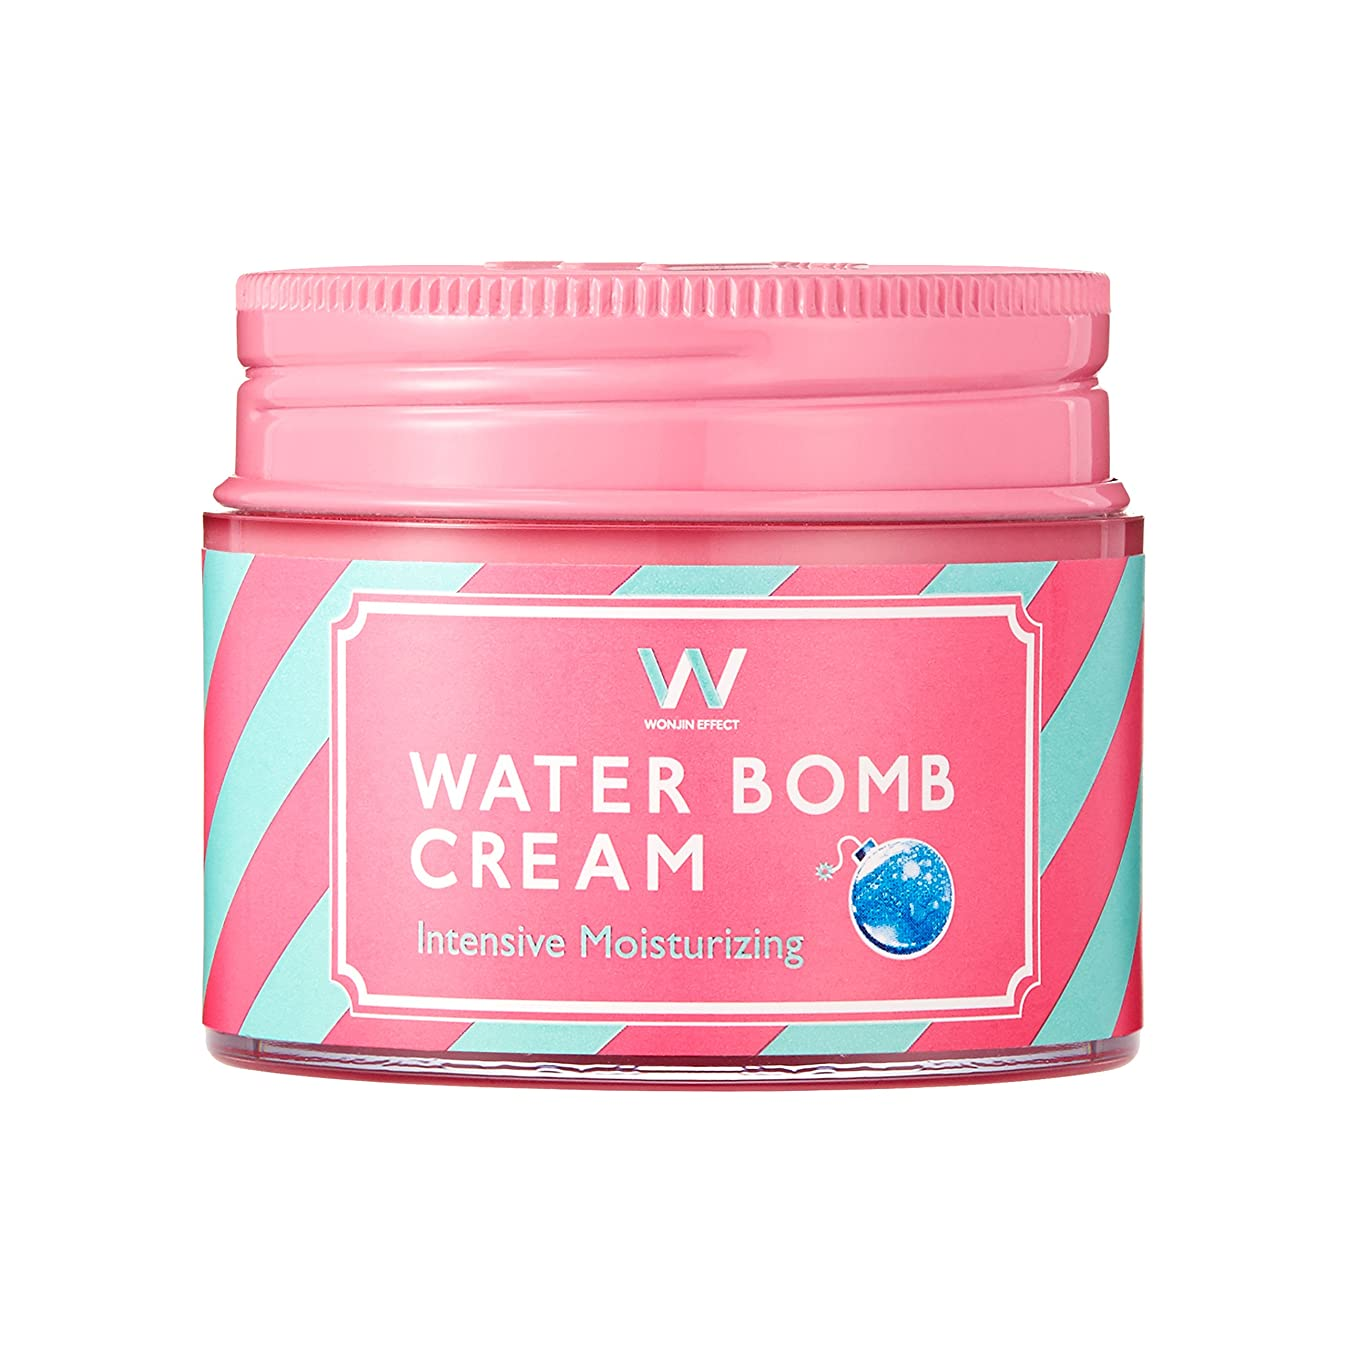 同盟検証例外ウォンジンエフェクター「WONJIN EFFECT」ウォーターバームクリーム50ml(Water bomb cream)?ピンクハル?(PINKHARU)?韓国コスメ? [並行輸入品]